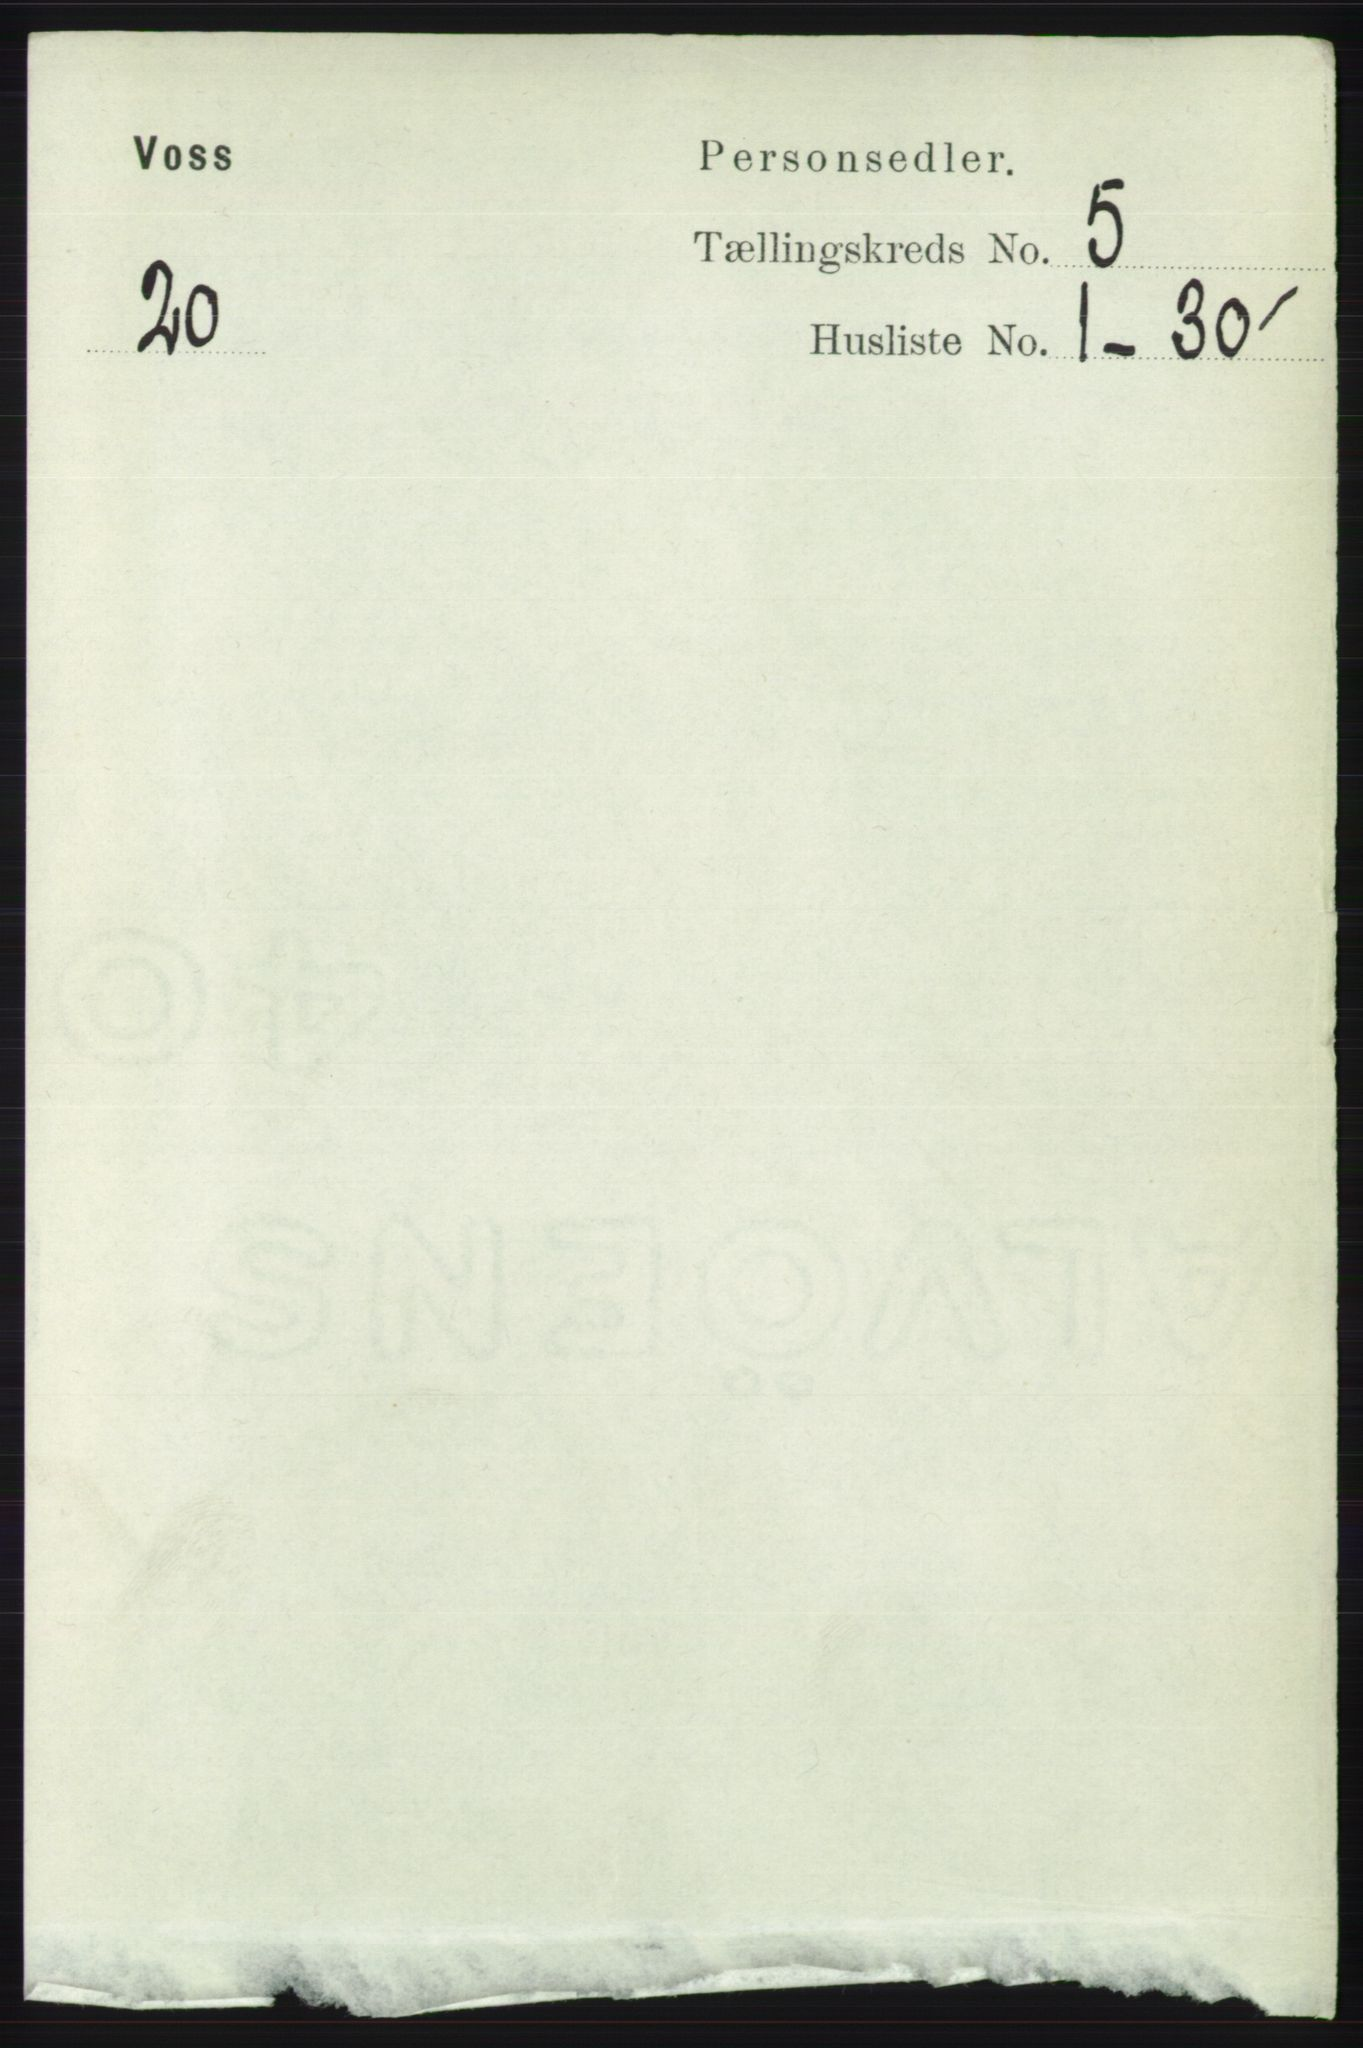 RA, Folketelling 1891 for 1235 Voss herred, 1891, s. 2701